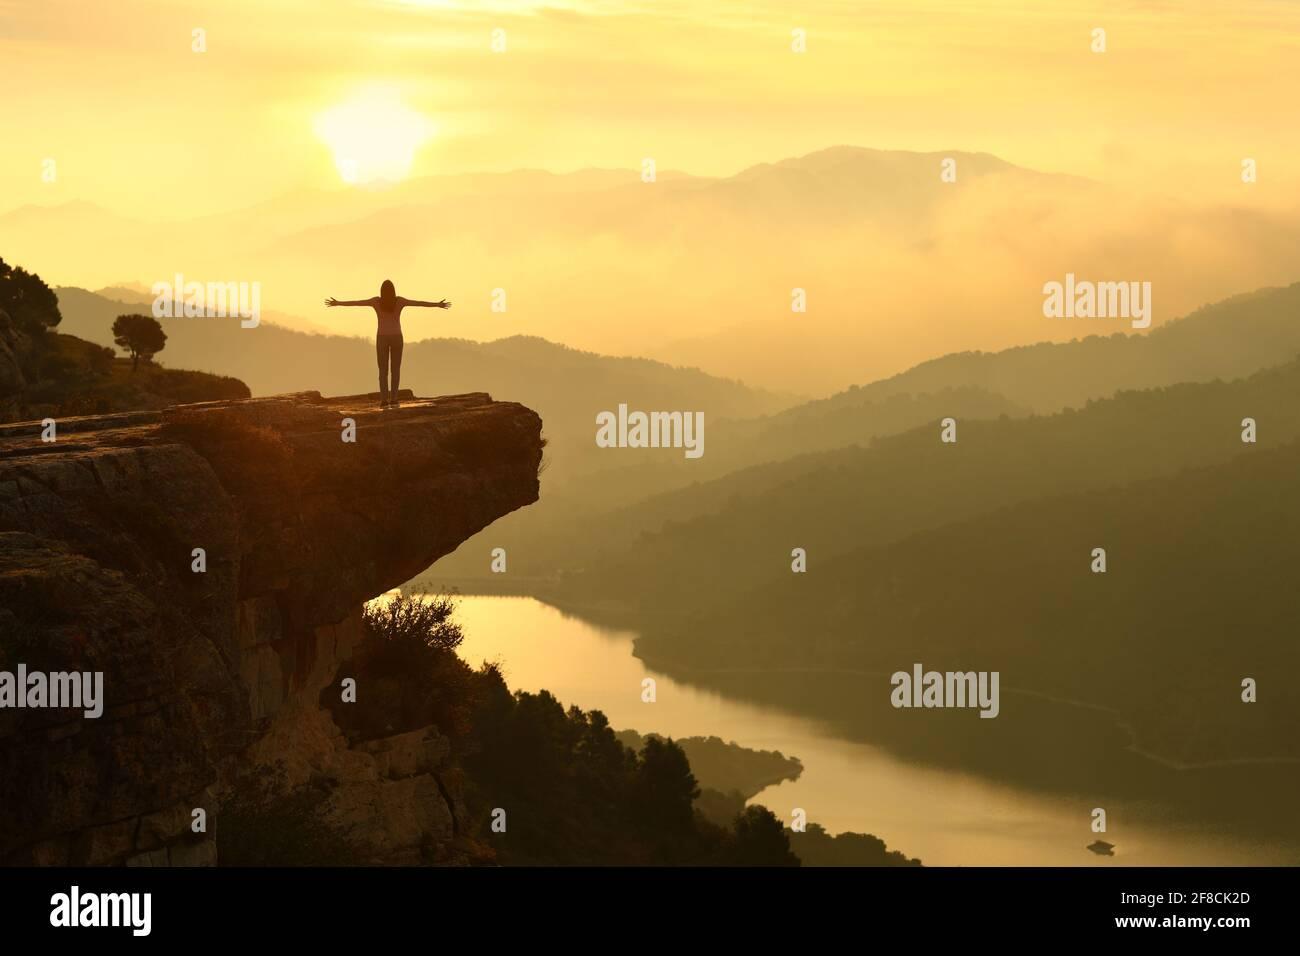 Vue arrière portrait d'une silhouette de femme célébrant le succès dans un magnifique paysage de coucher de soleil Banque D'Images